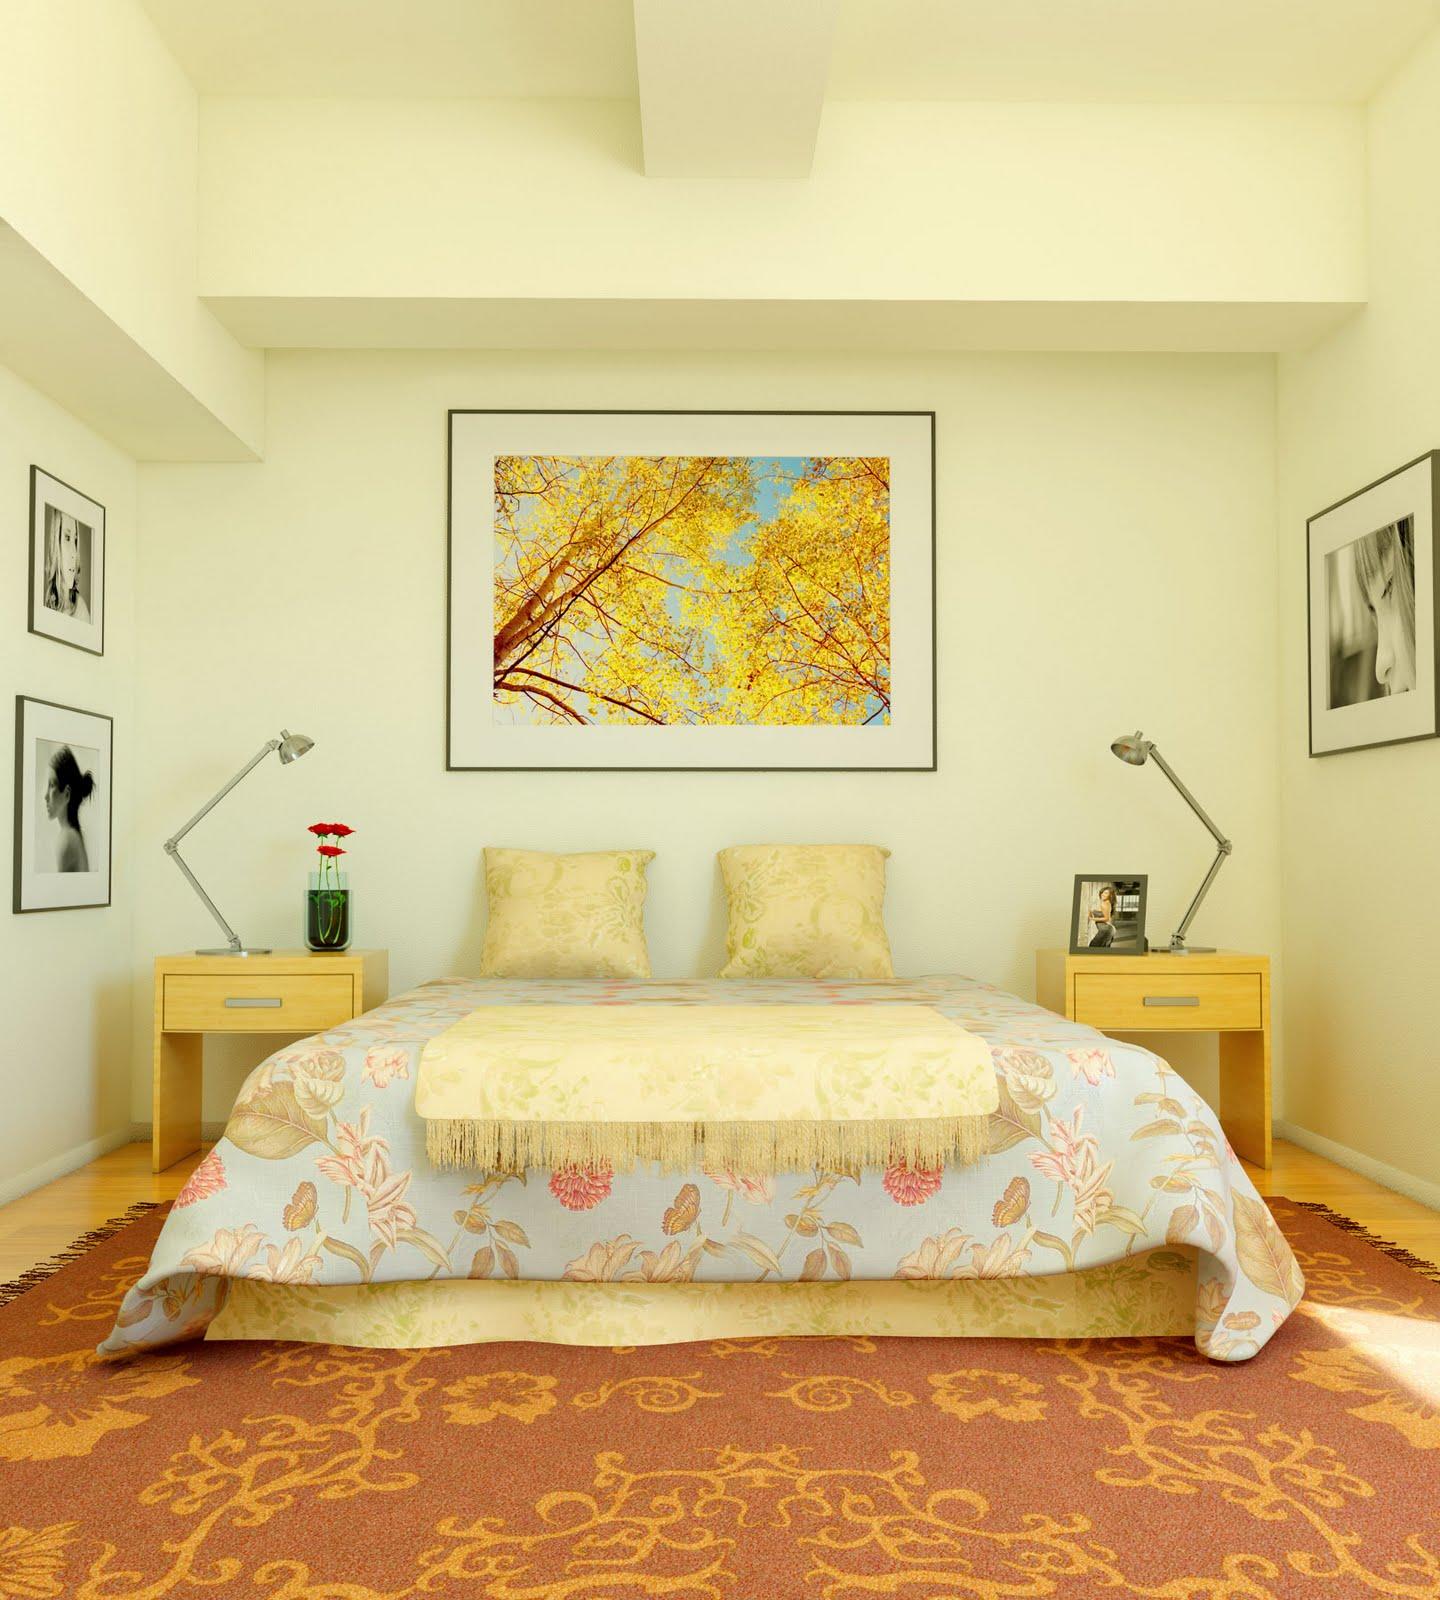 Latest Bedroom Bed Small Bedroom Wall Art Pink Bedroom Accessories Bedroom Paint Colors Pinterest: Decoración De Cuartos, Dormitorios, Paredes, Cortinas